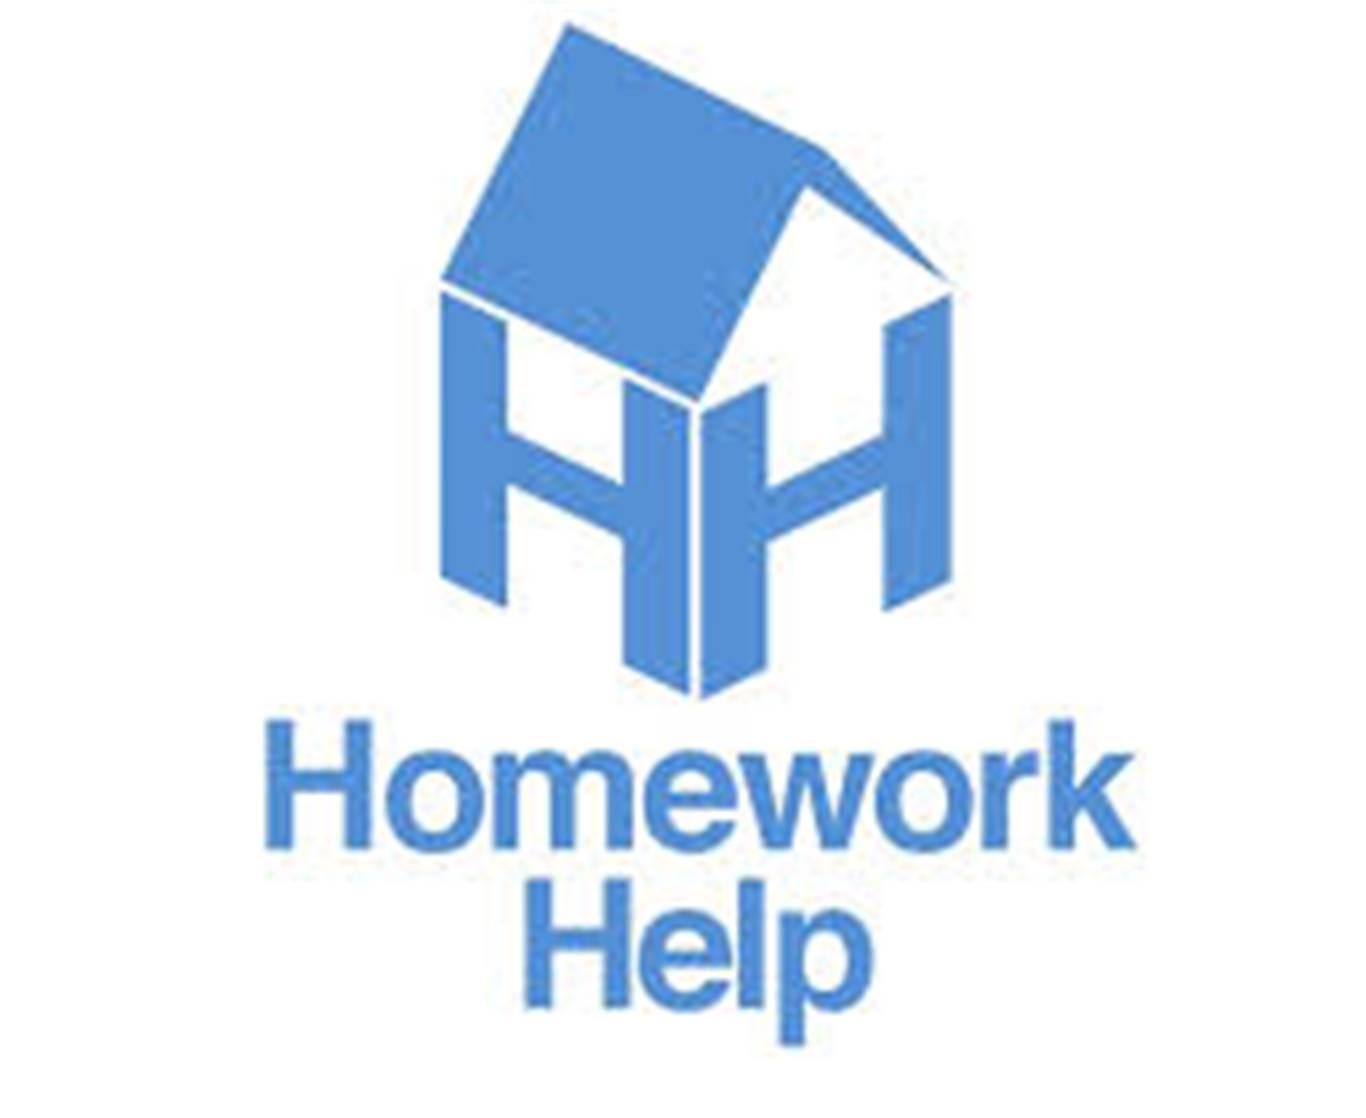 Homework help ilc | blogger.com